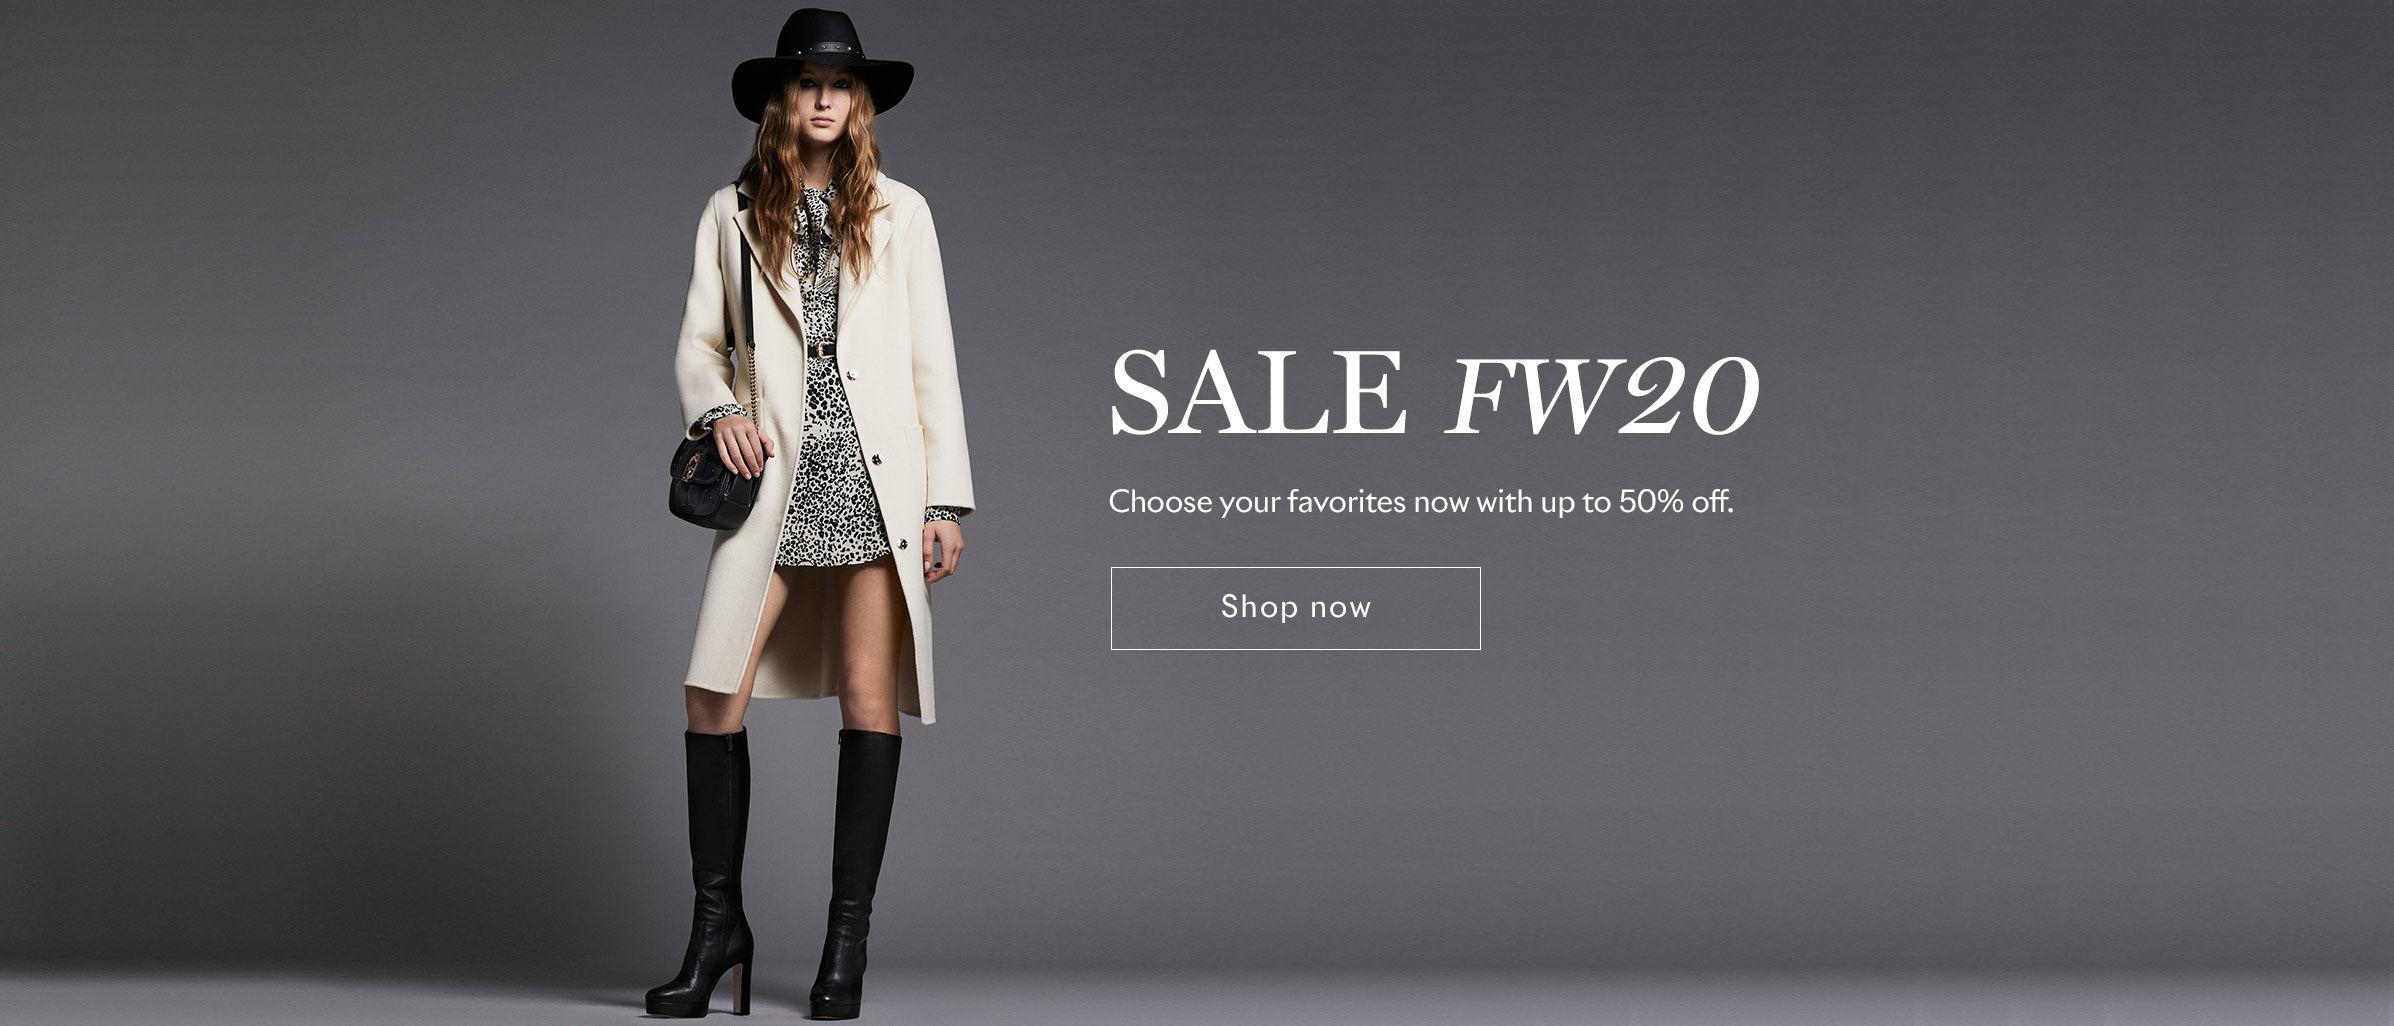 transfusión Inducir Refinar  Liu Jo: Clothes, Bags and Shoes for Women and Men - Shop Online